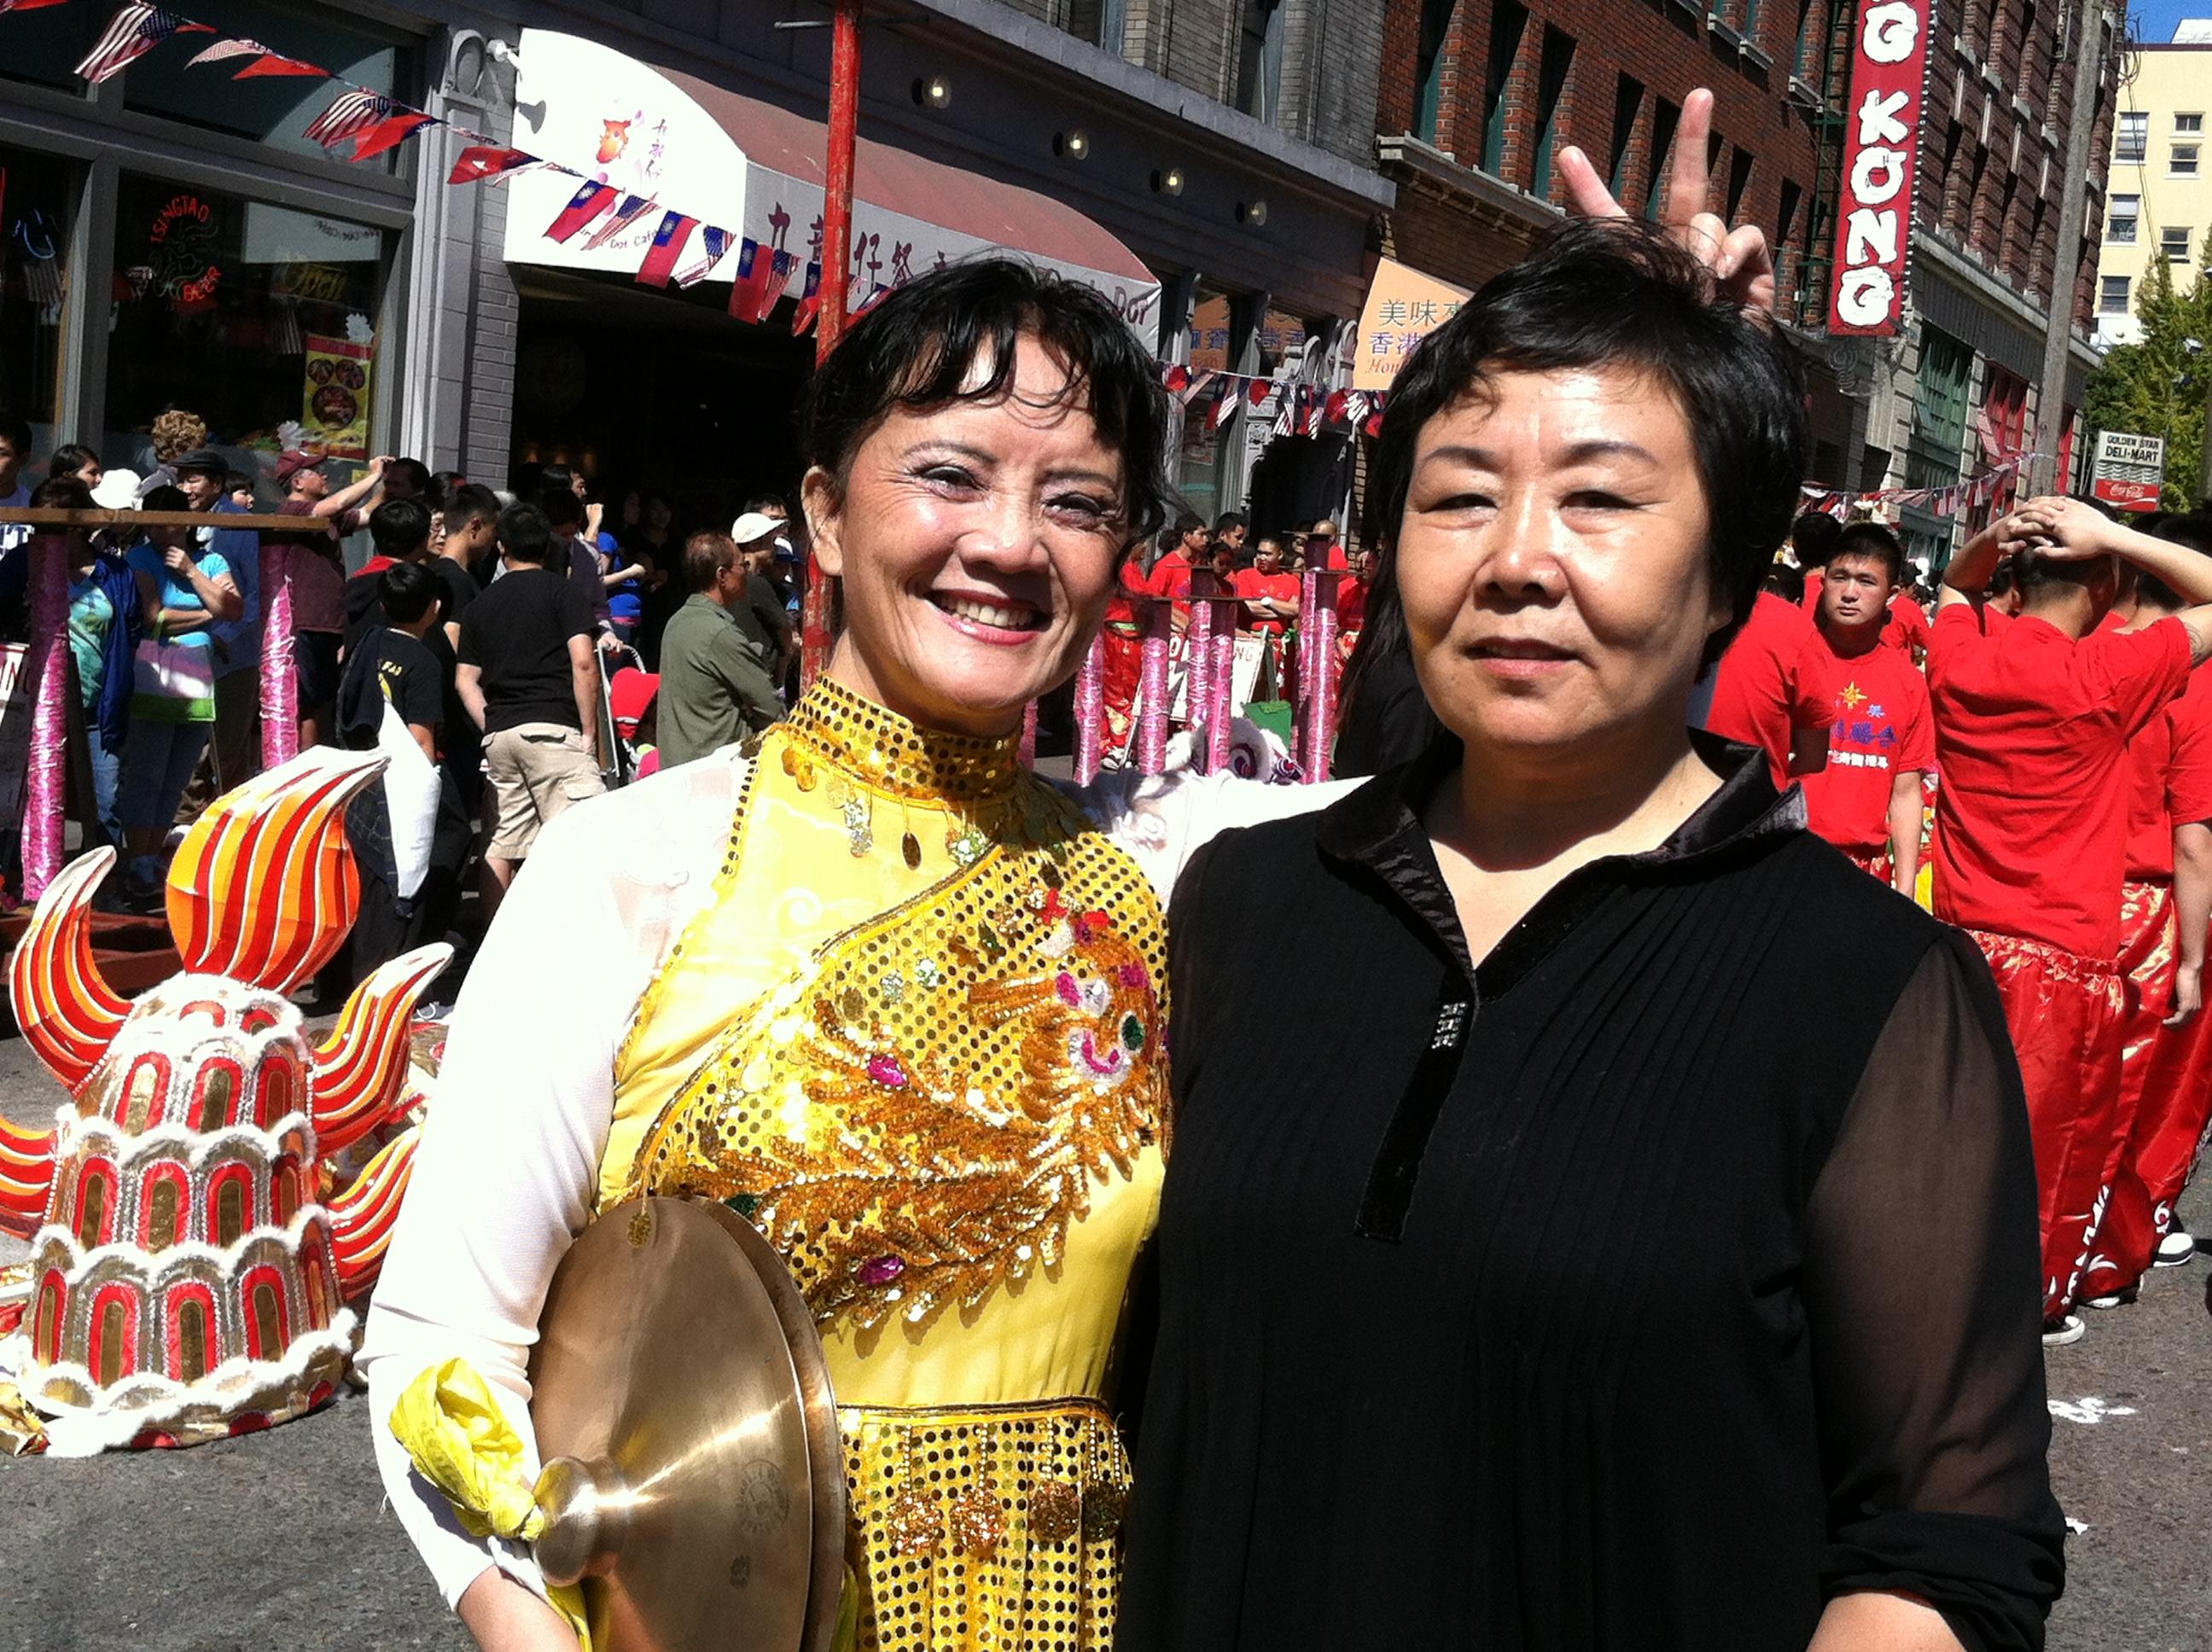 2012 Chinatown Seafair Parade Image 218